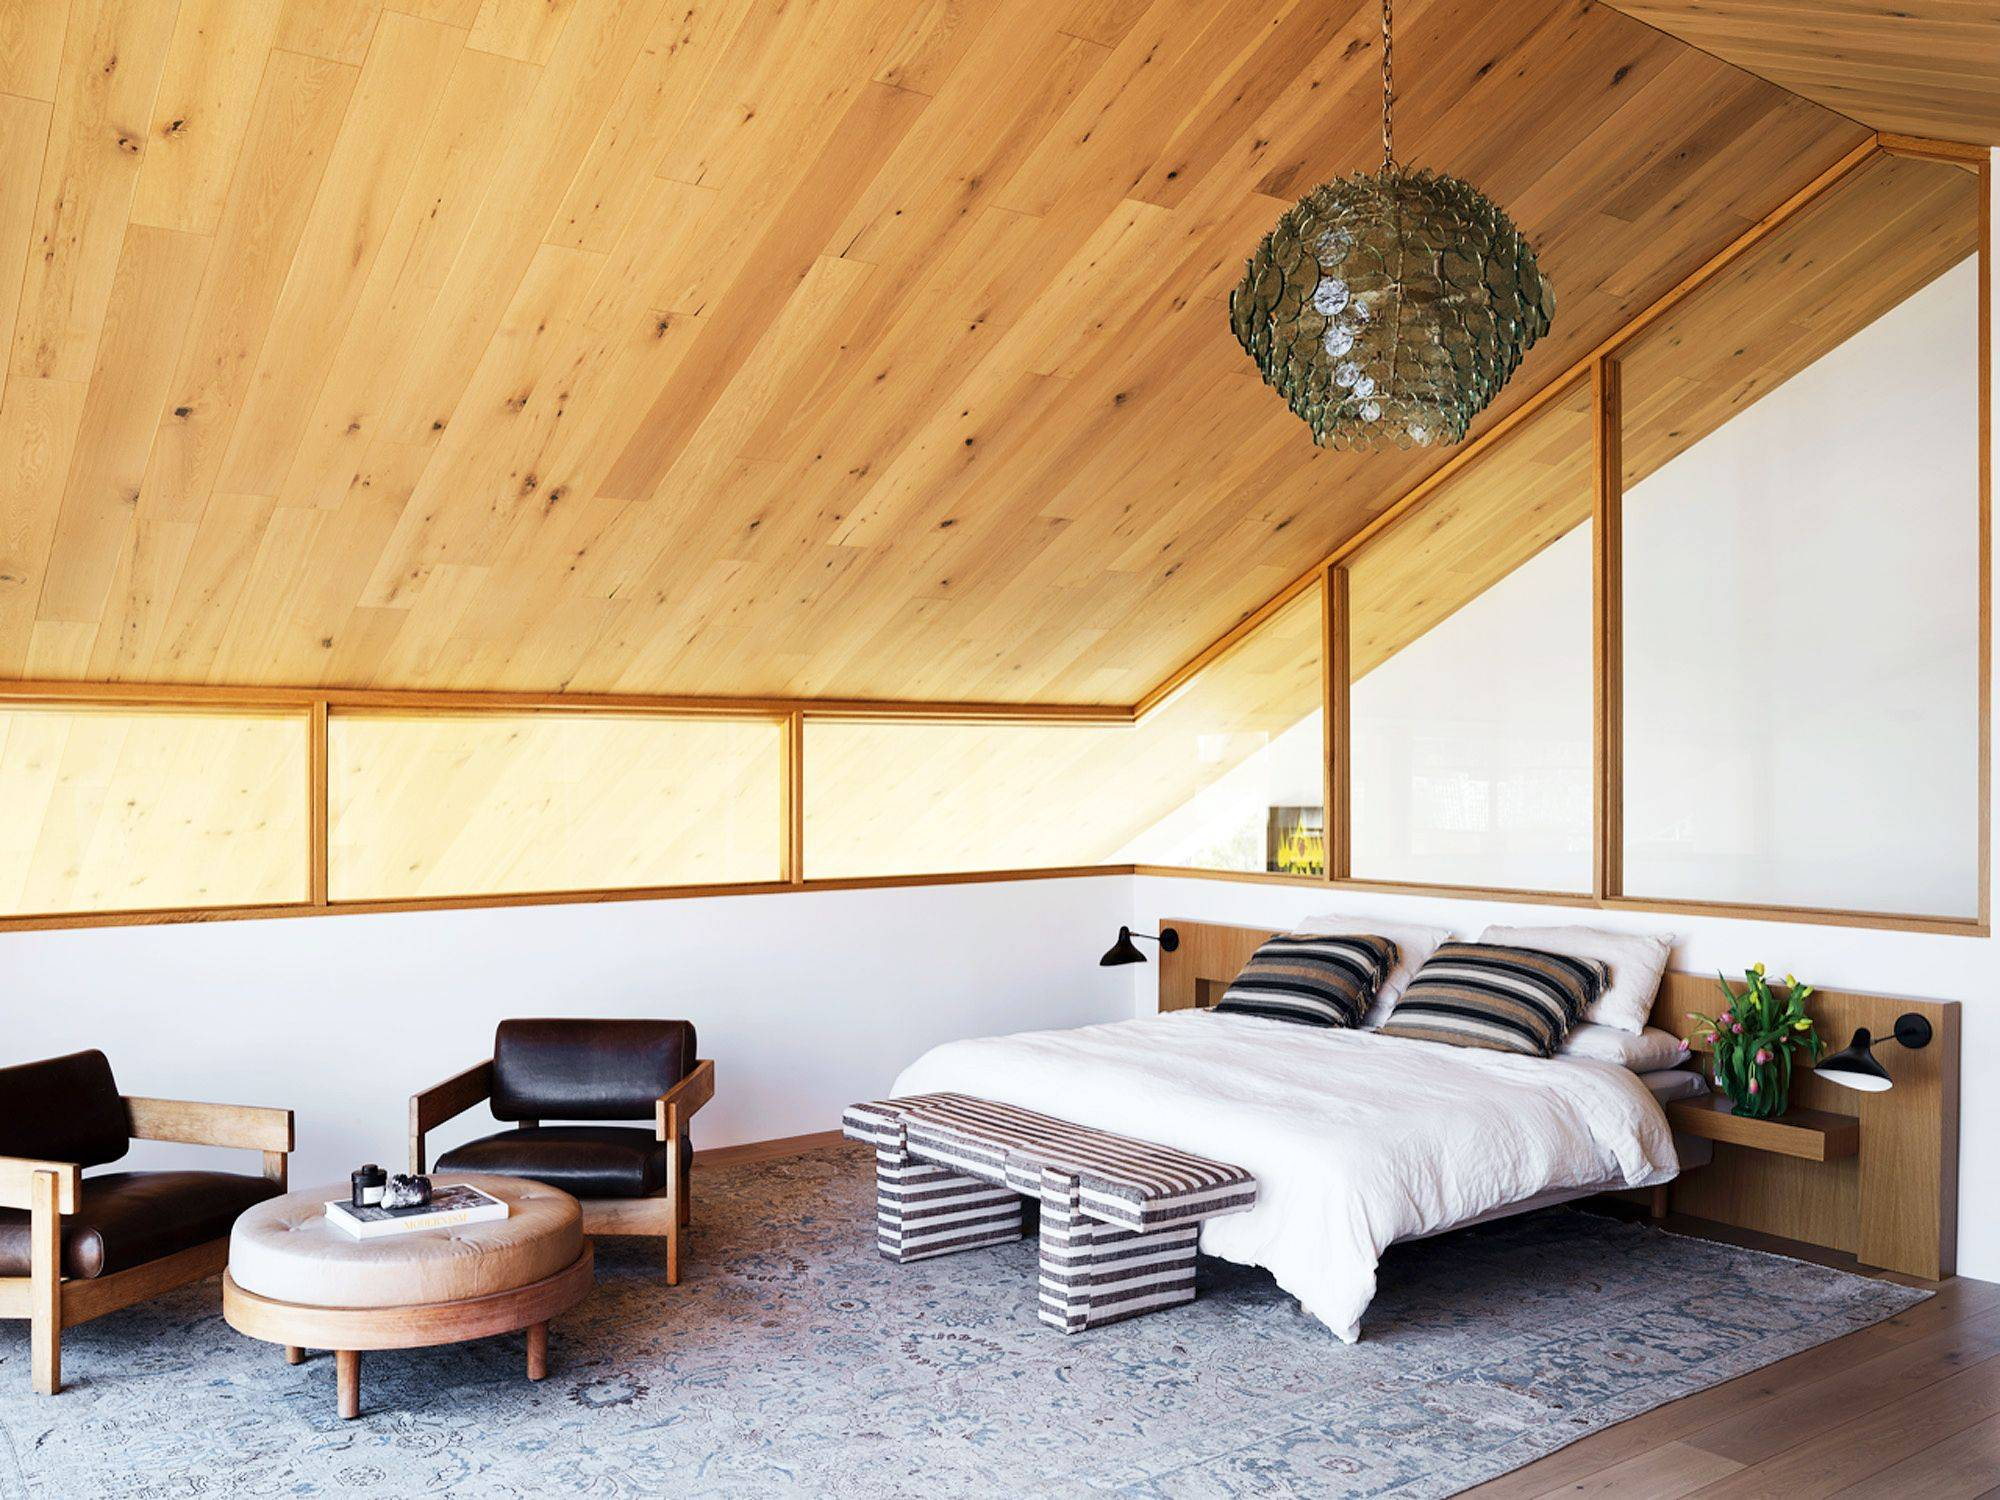 Boho Aesthetic Bedroom Ideas Best Of 38 Minimalist Bedroom Ideas and Tips Bud Friendly